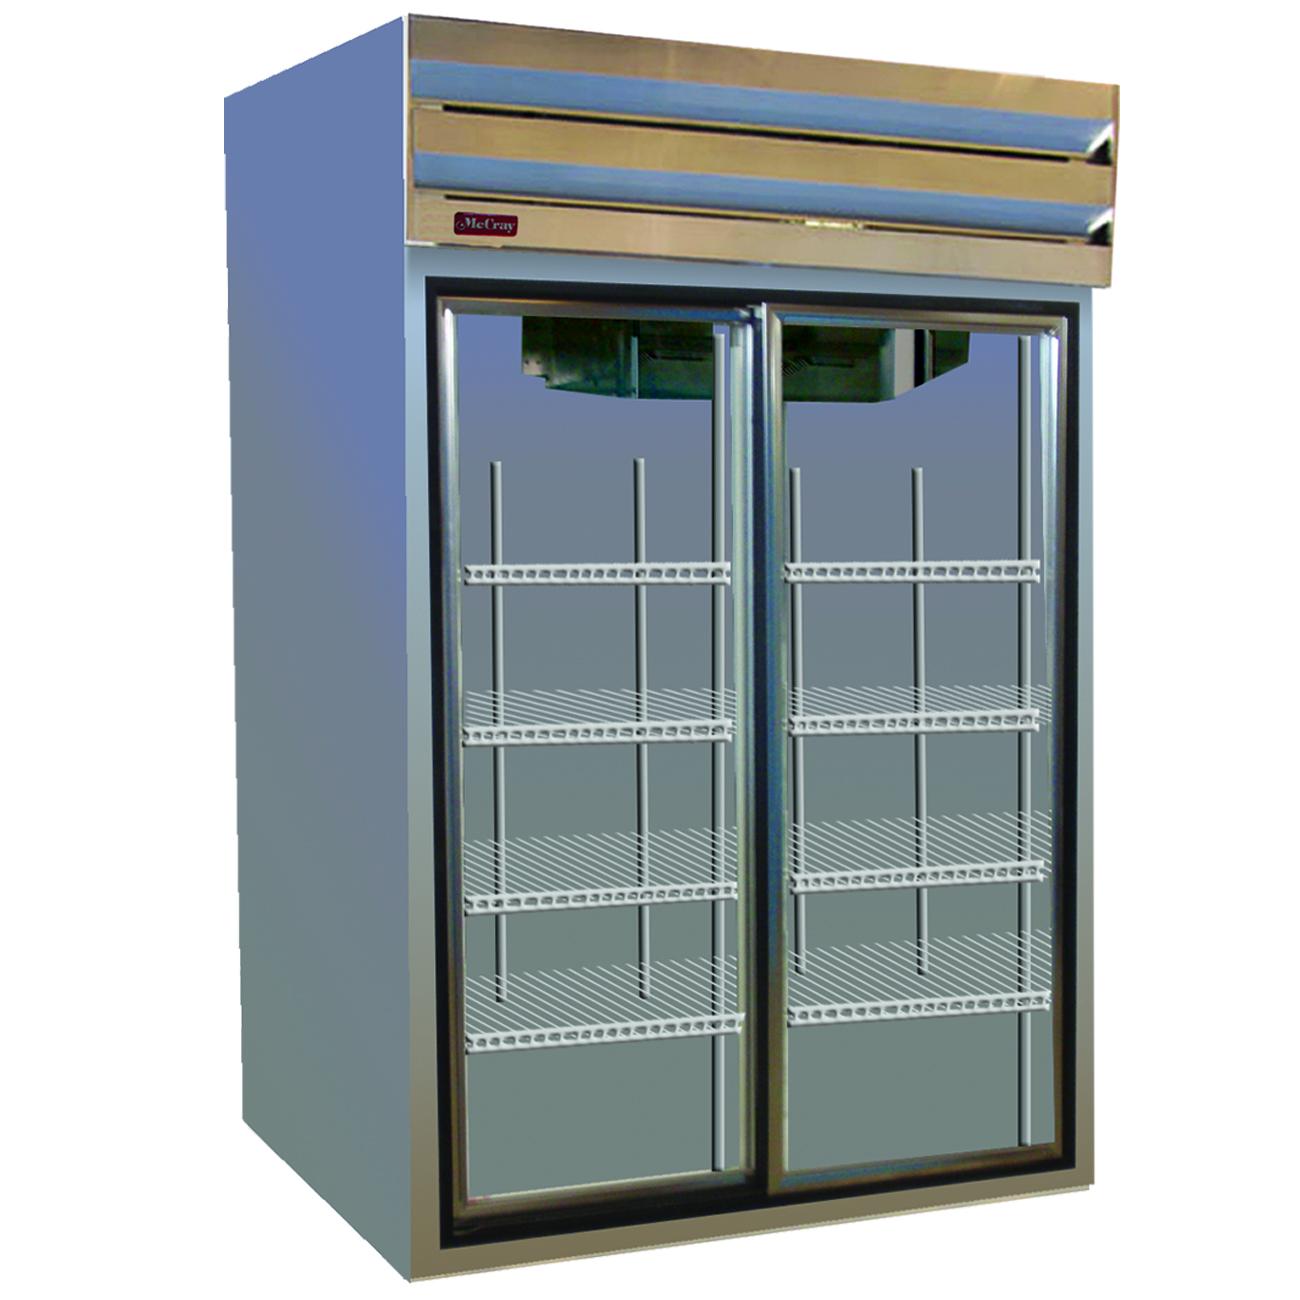 Howard-McCray GSR48 refrigerator, merchandiser